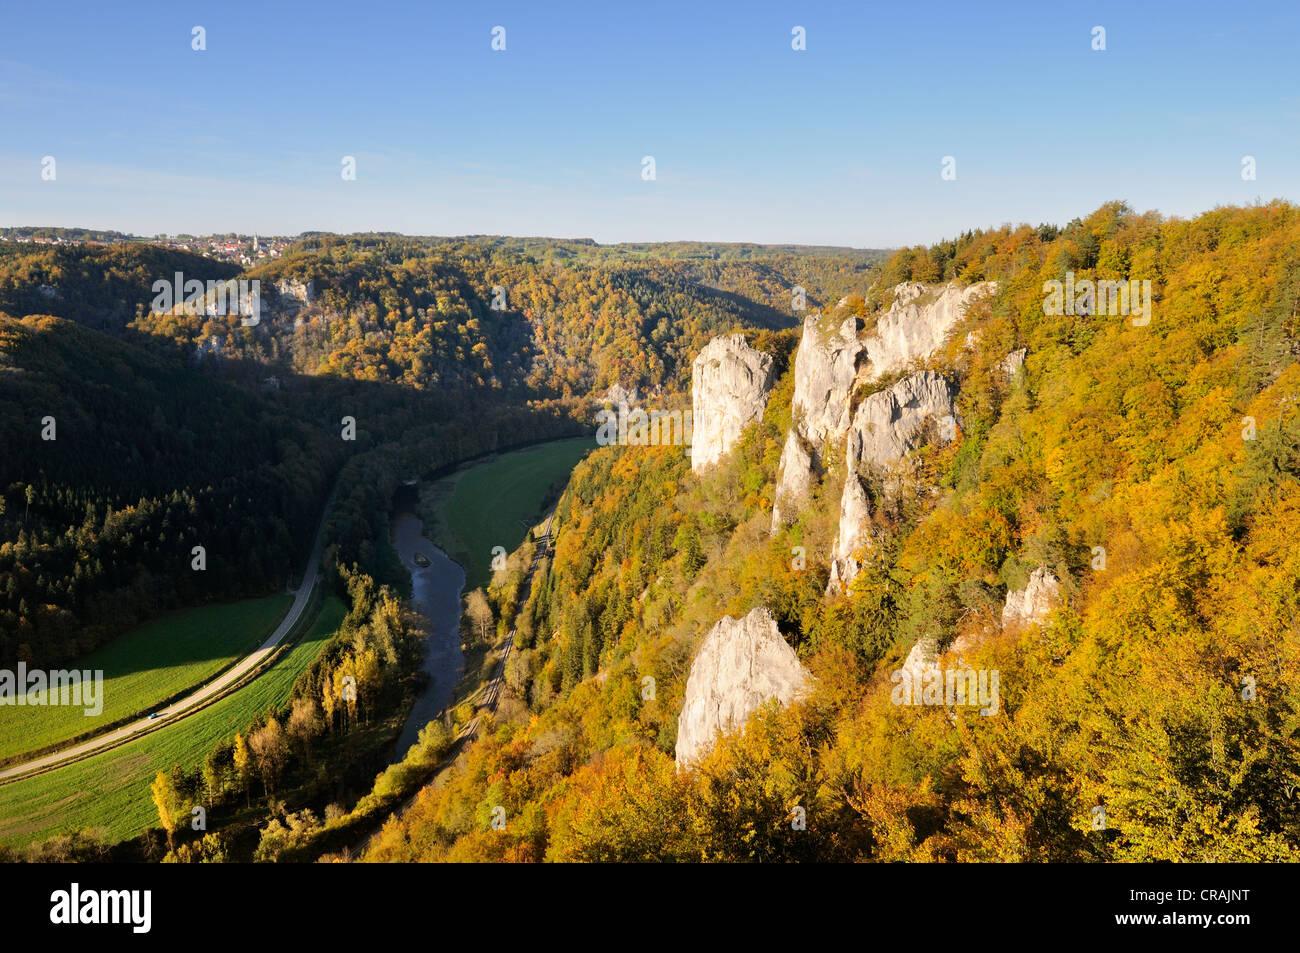 Blick auf ein Herbst gefärbten Buchenwald mit markanten Kalkfelsen im oberen Donautal, Sigmaringen Bezirk Stockbild